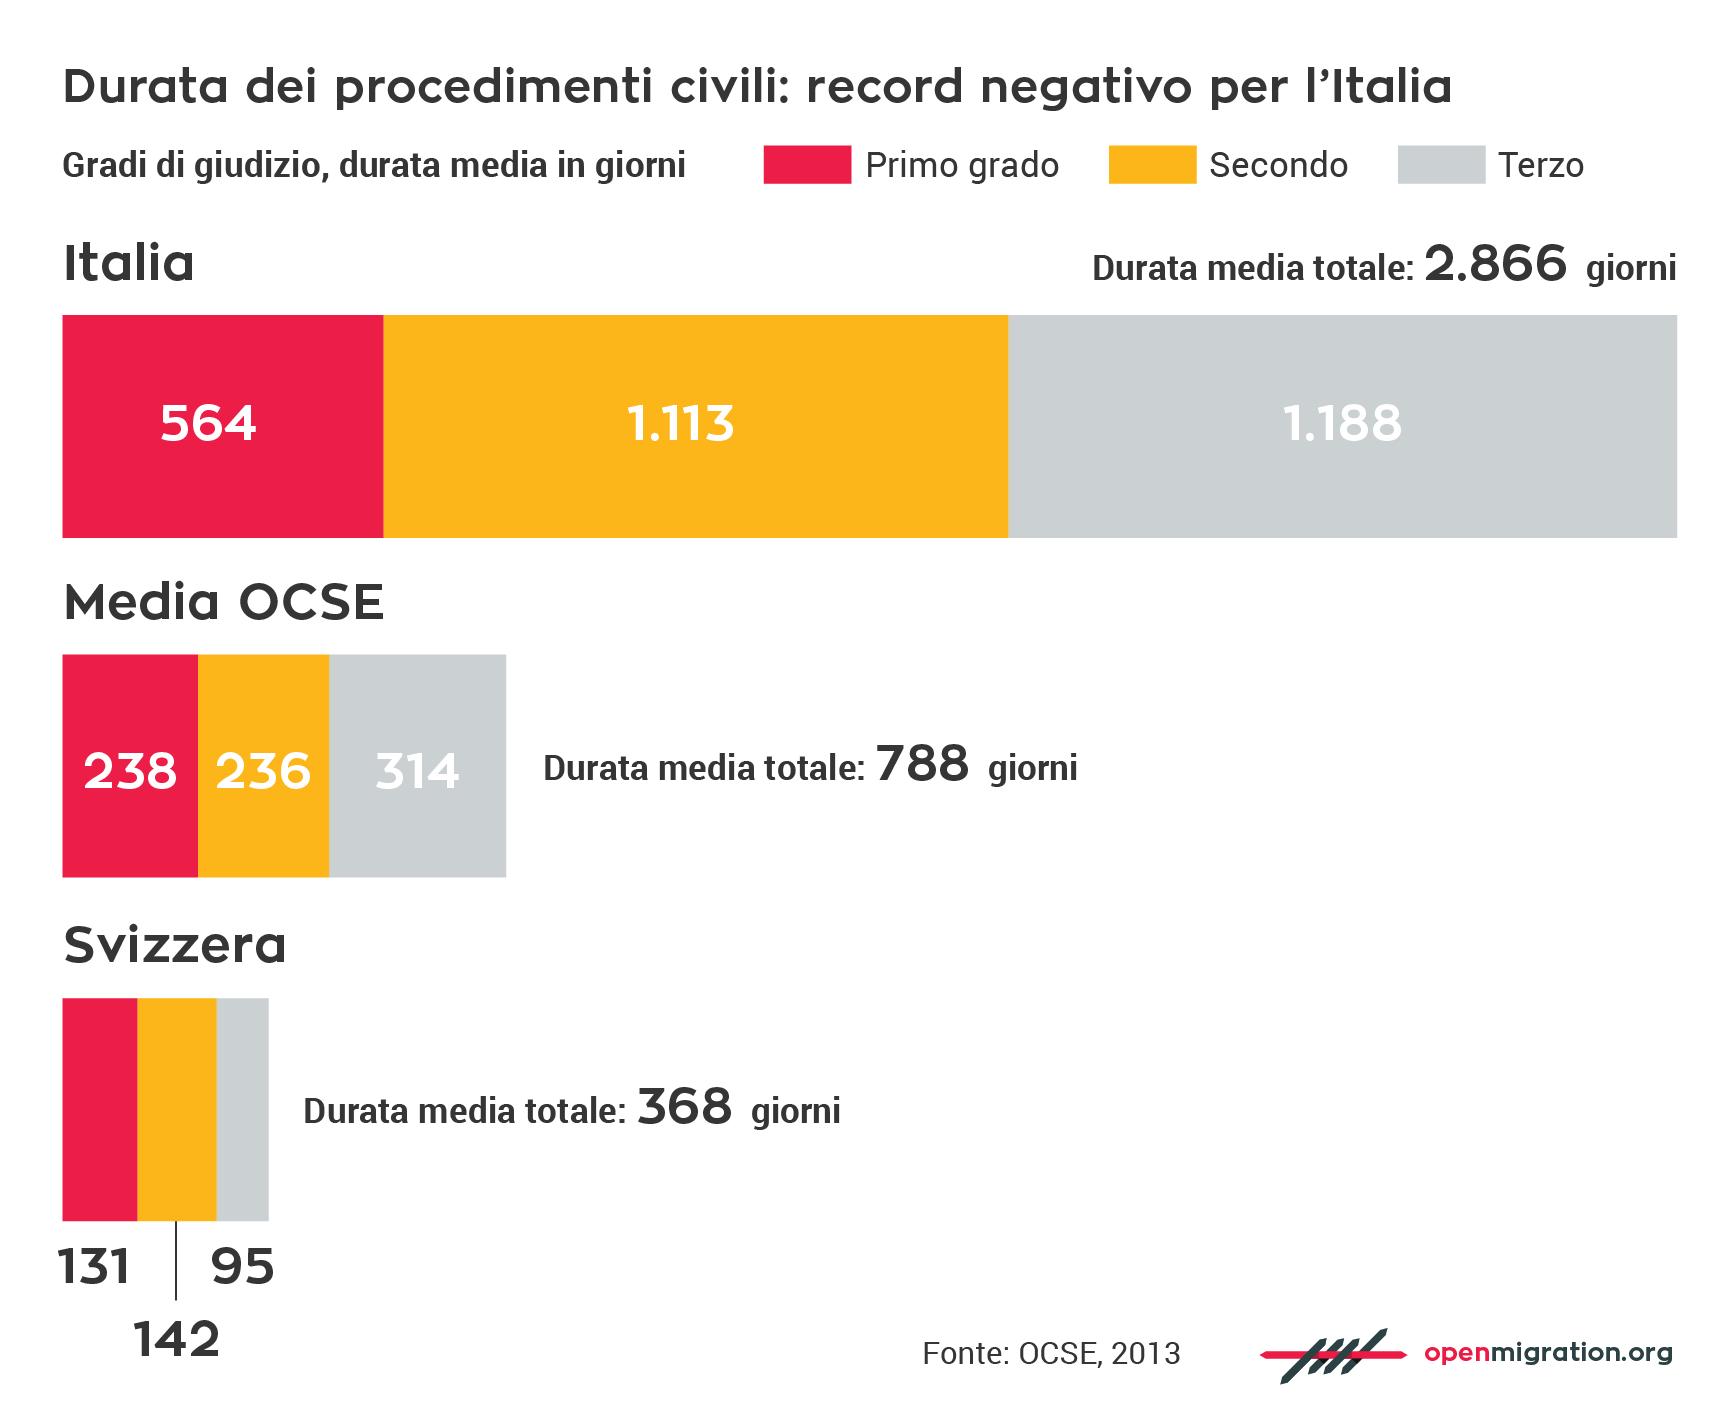 Durata procedimenti civili in Italia